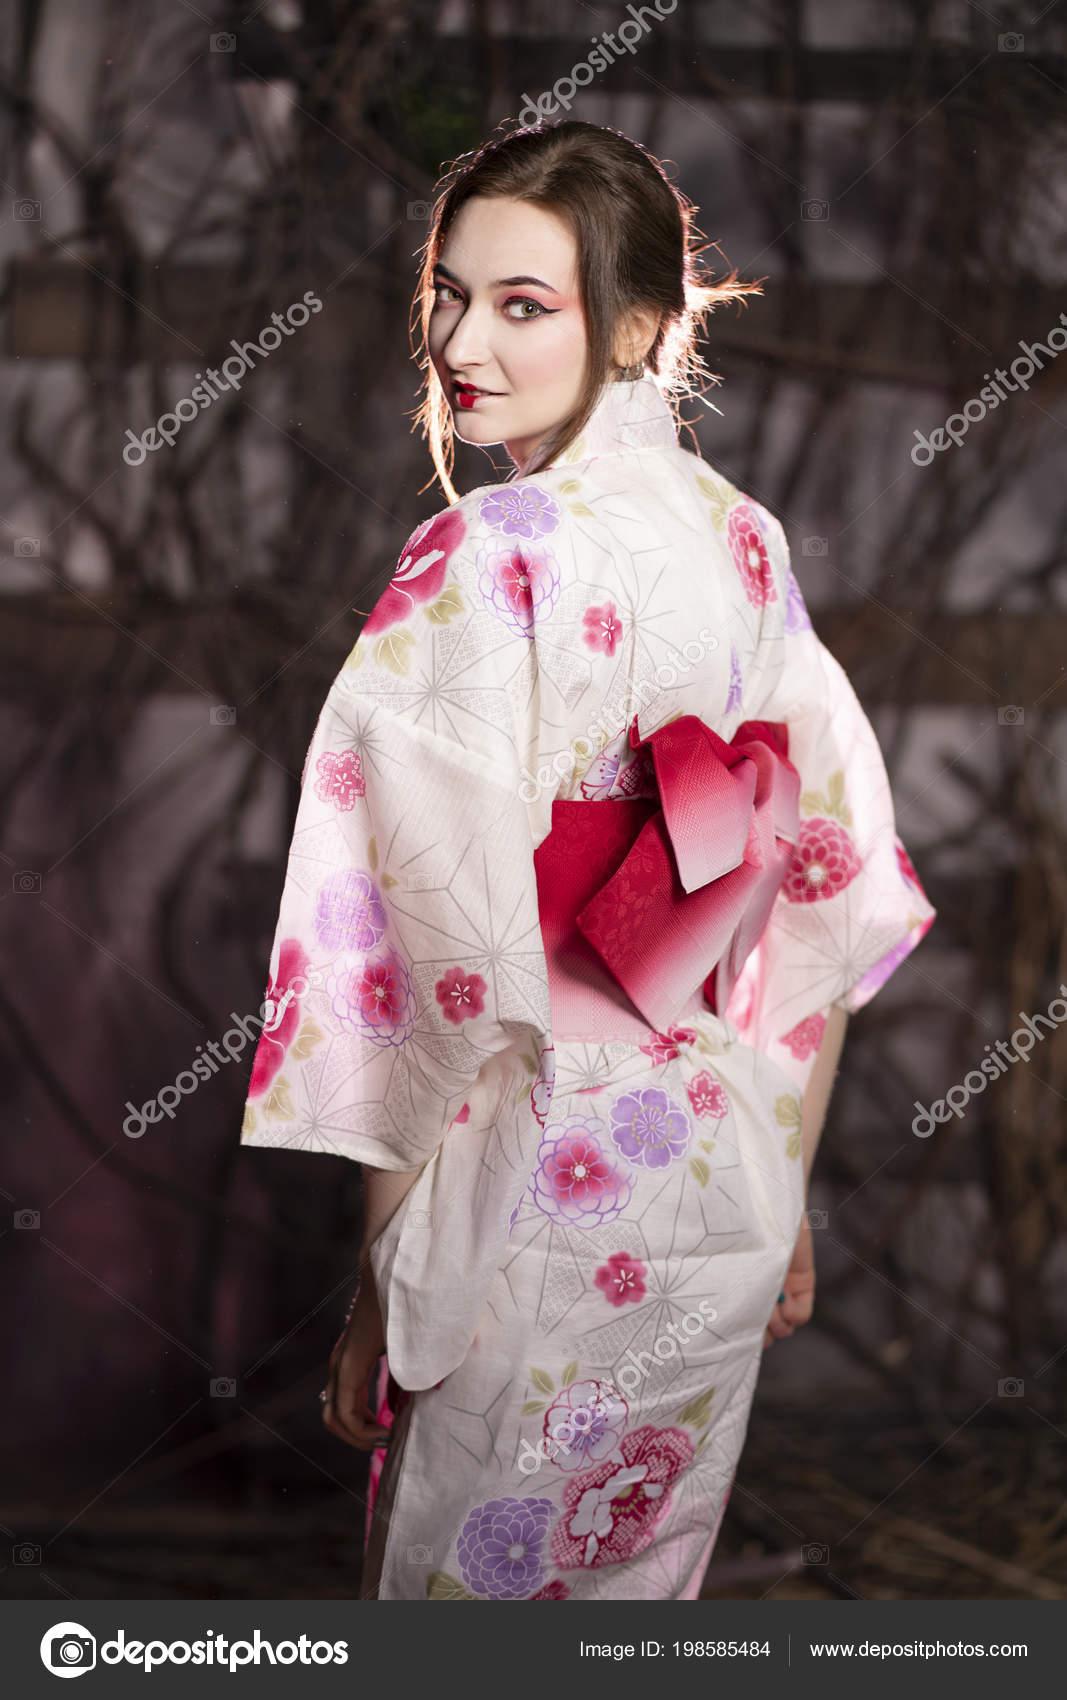 9b46c2f79 Chica Elegante Vestido Tradicional Kimono Japonés Blanco Rosa Solas ...